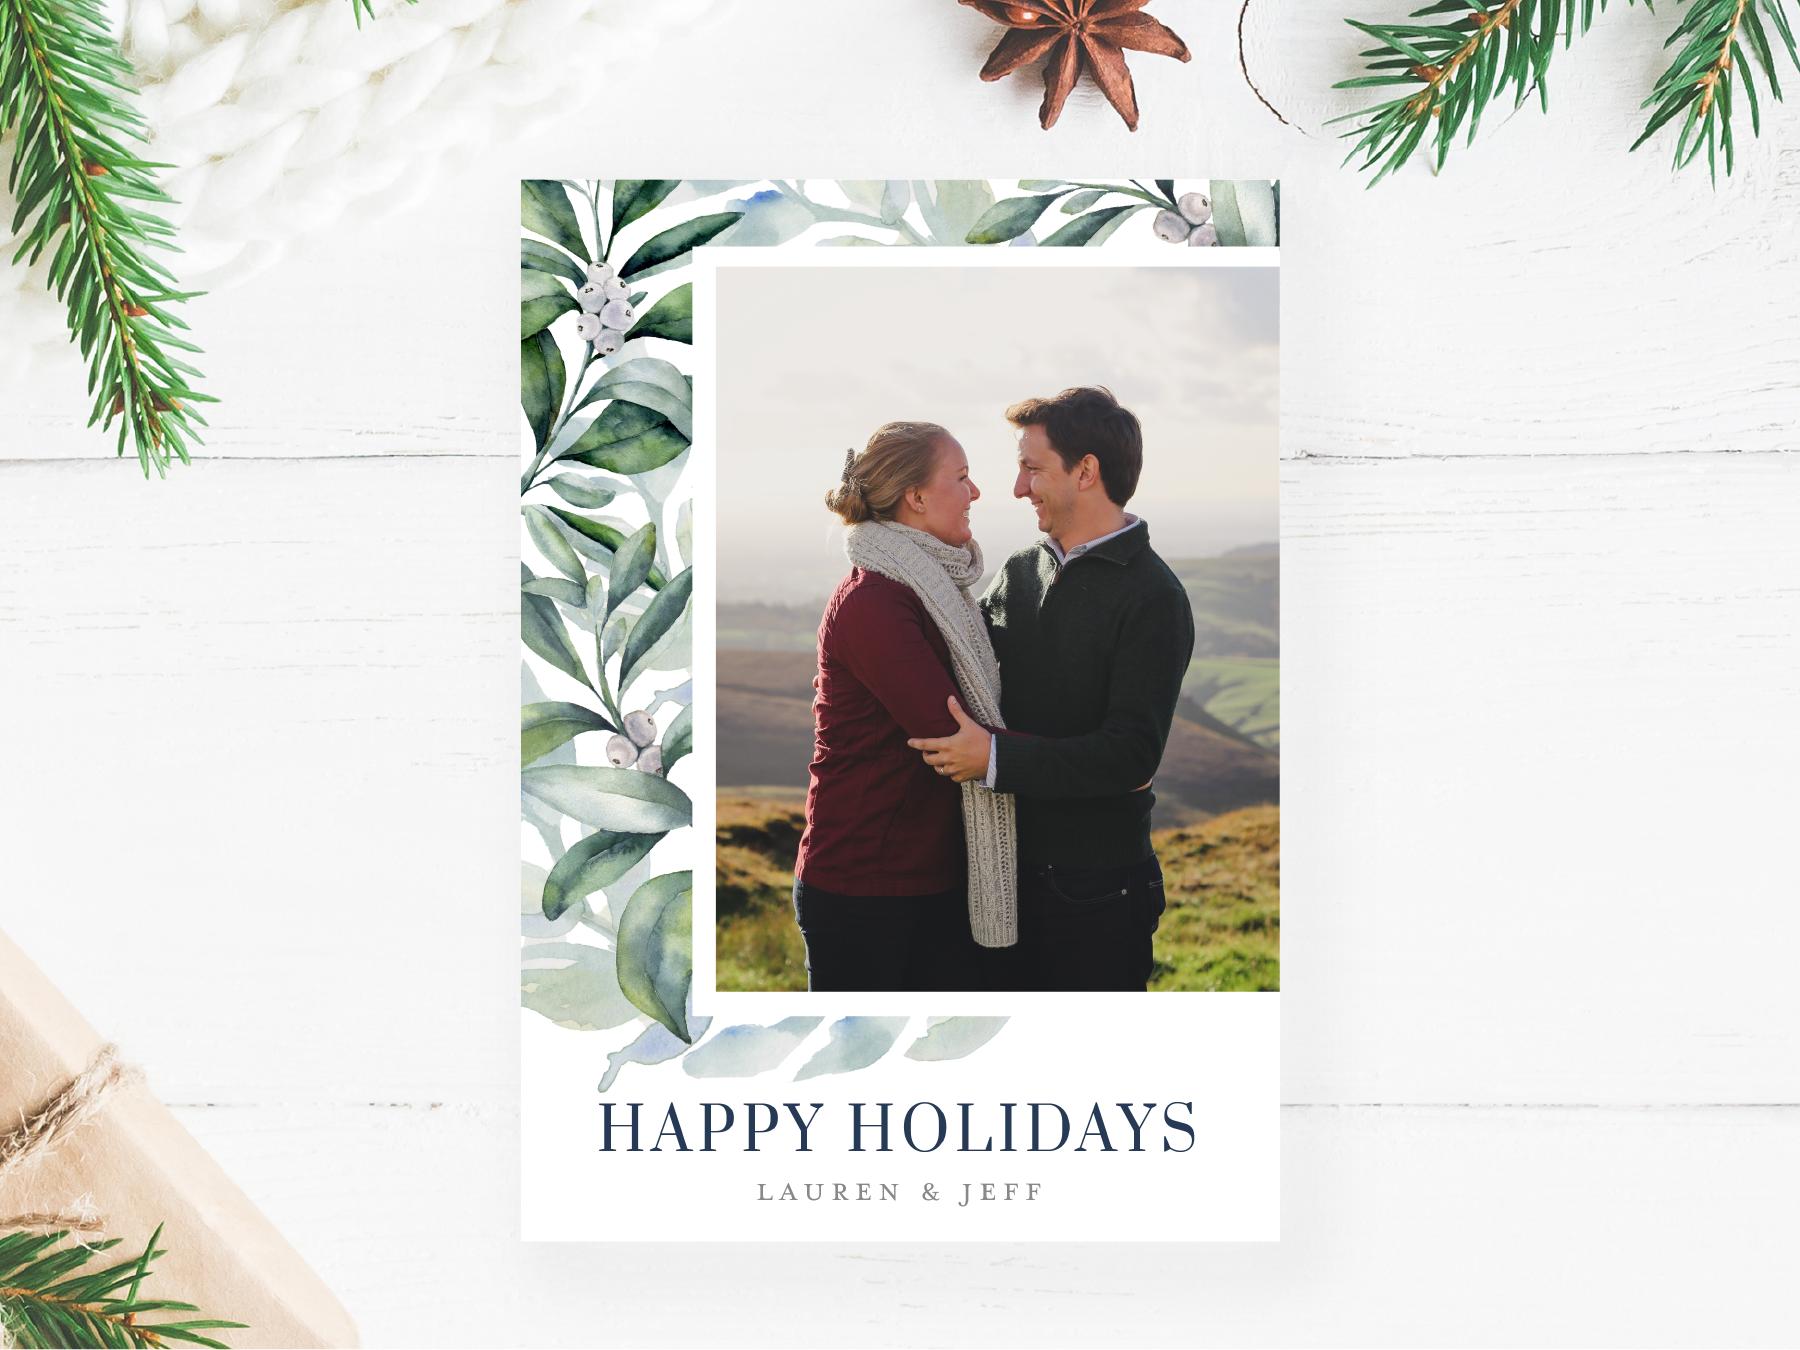 Card-Mockups_Christmas-Card-2.png